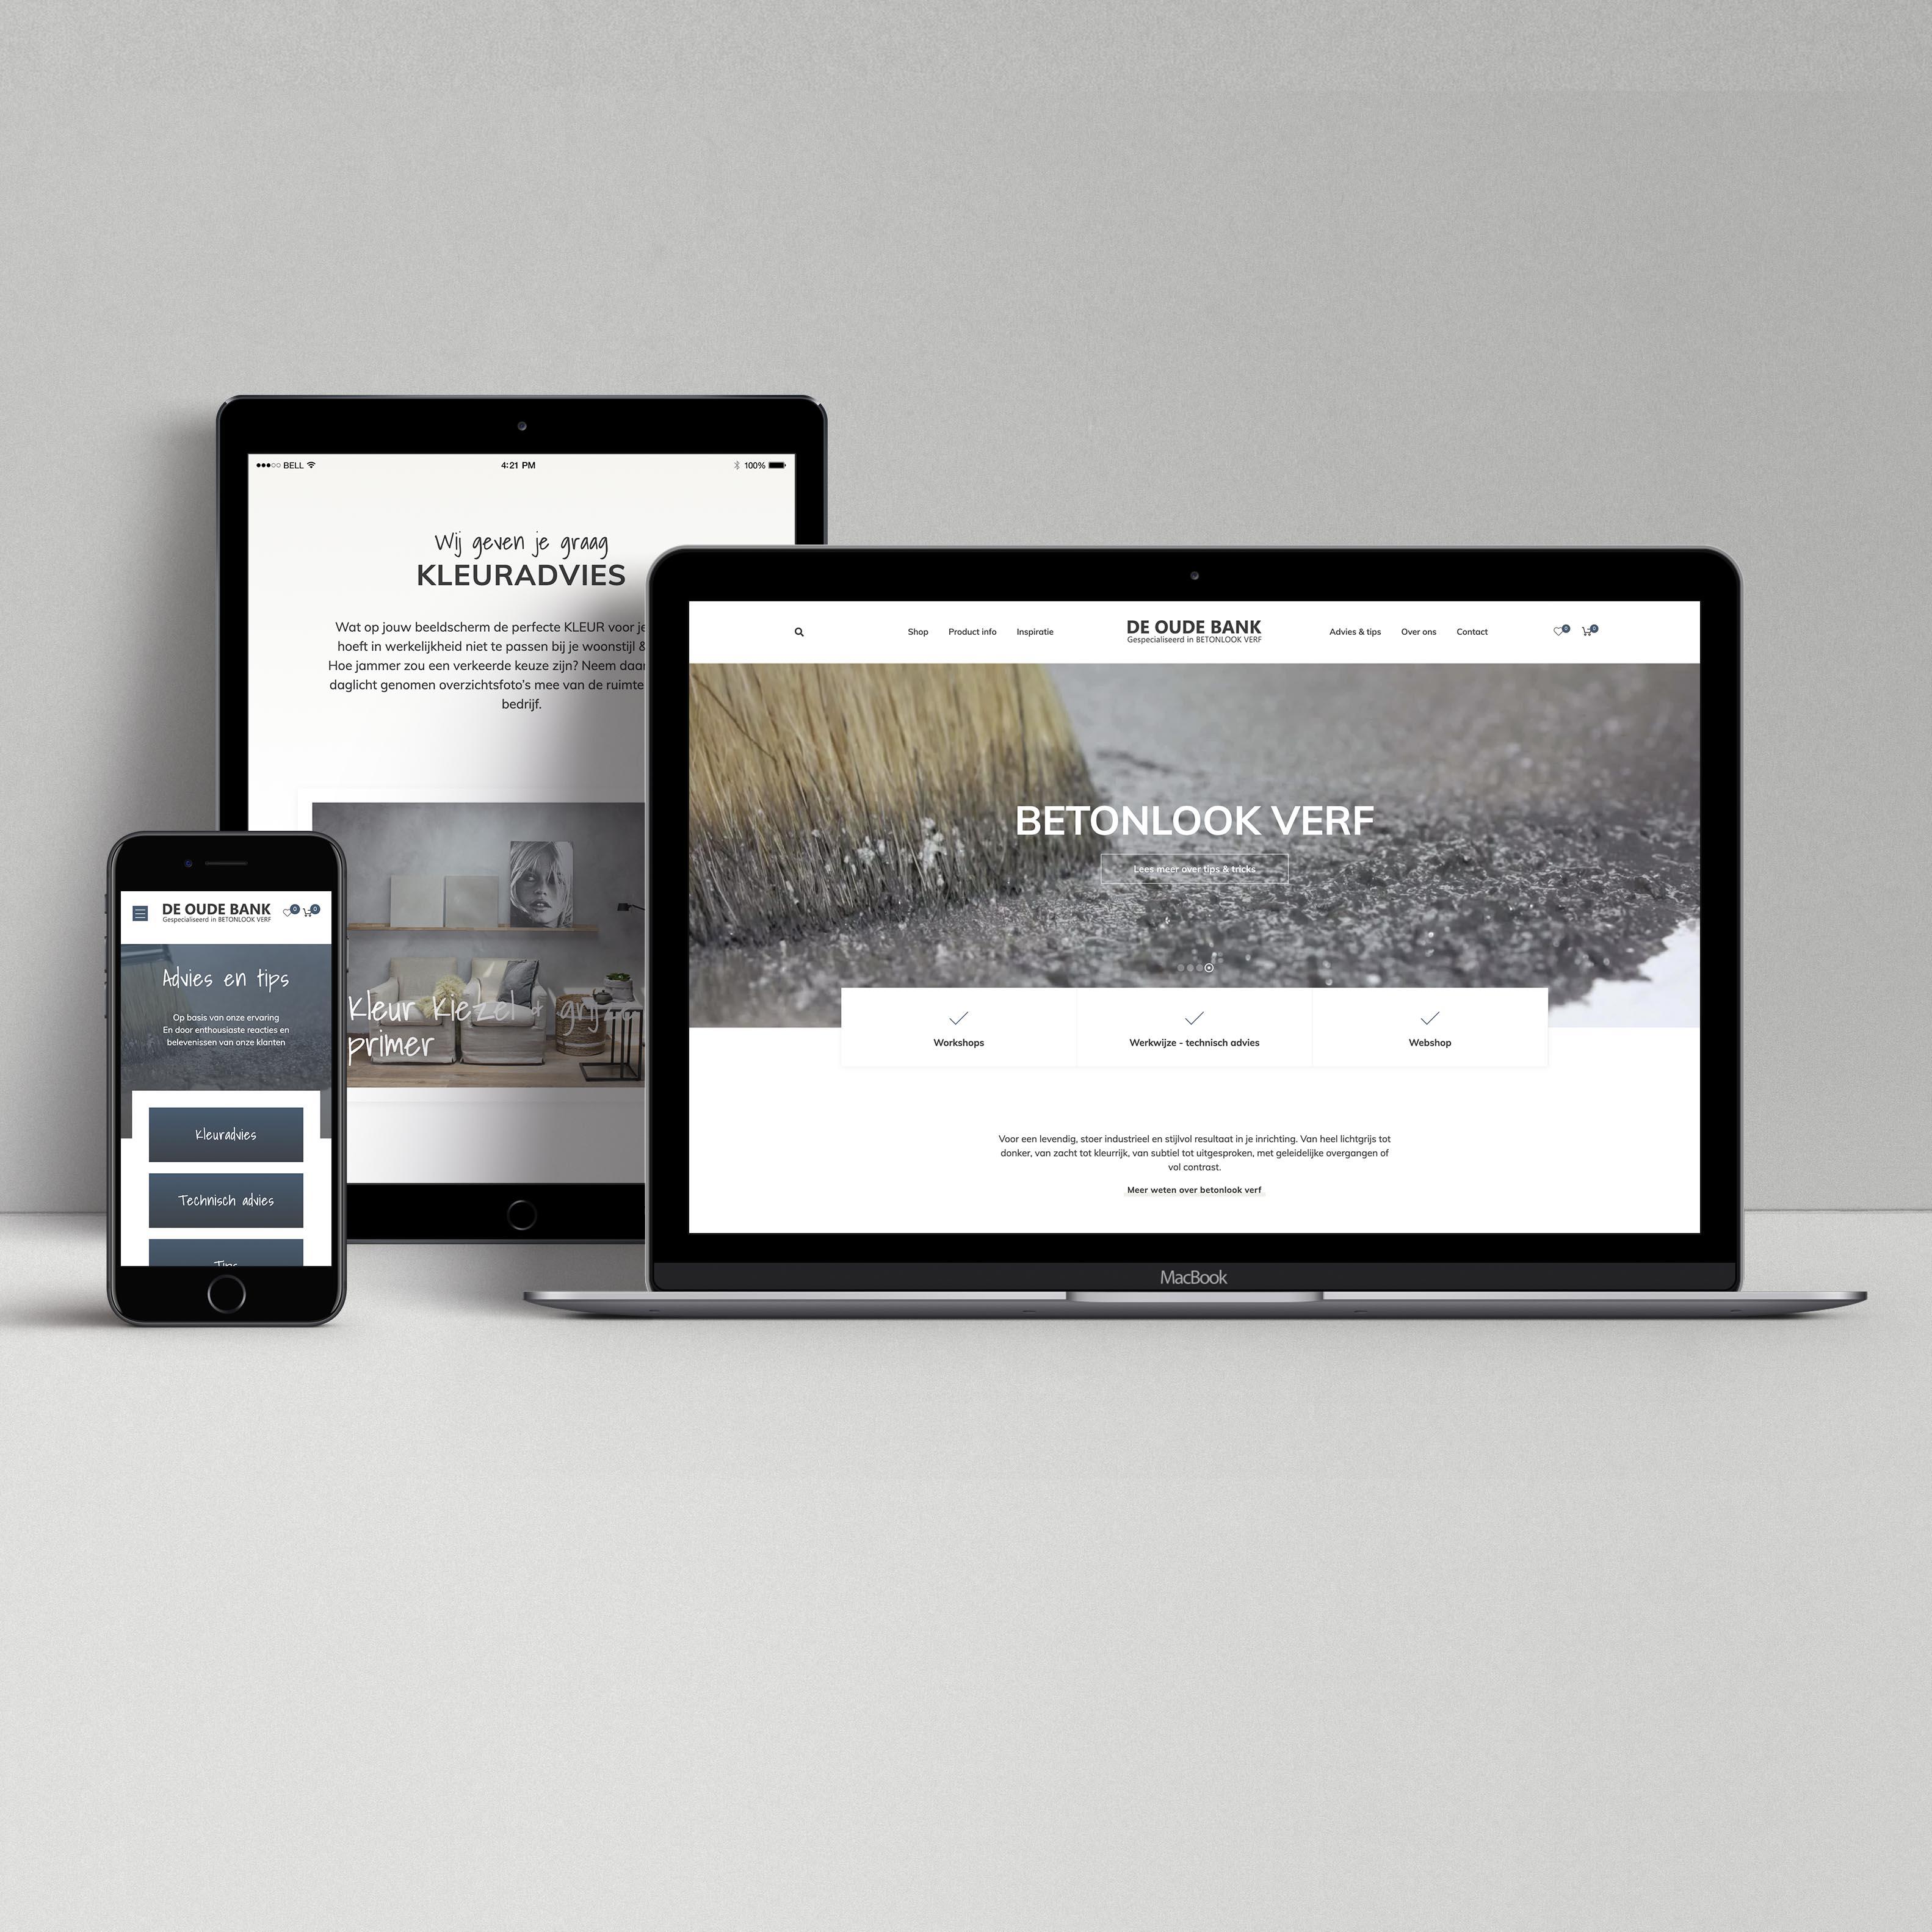 Oplevering website de oude bank betonlook op diverse schermen